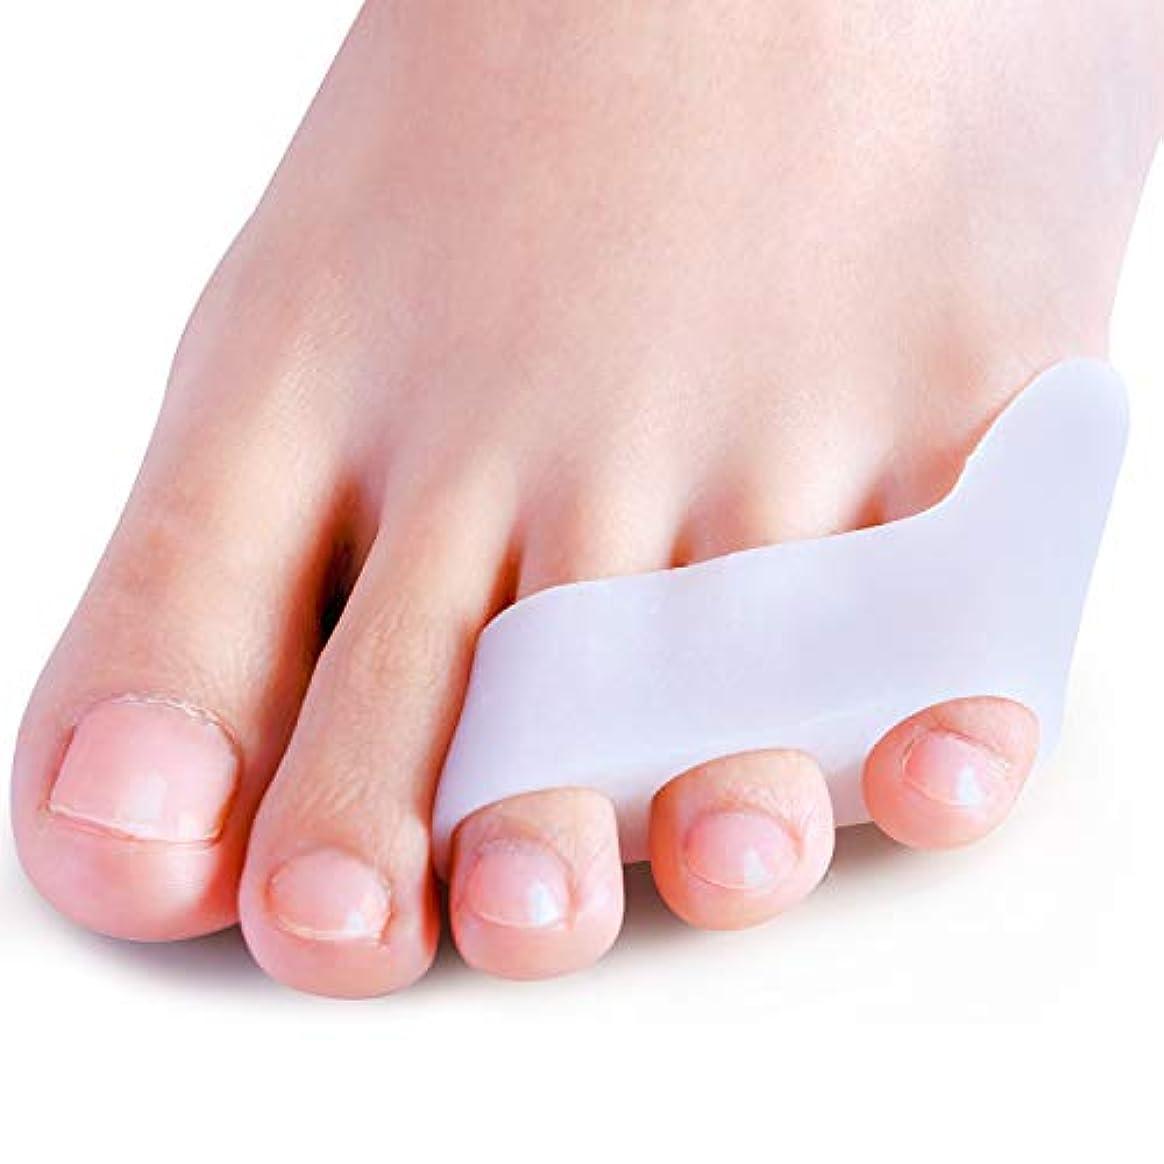 インポート骨折ジュニアPovihome 10X 足の小指 サポーター,足の小指保護  白い